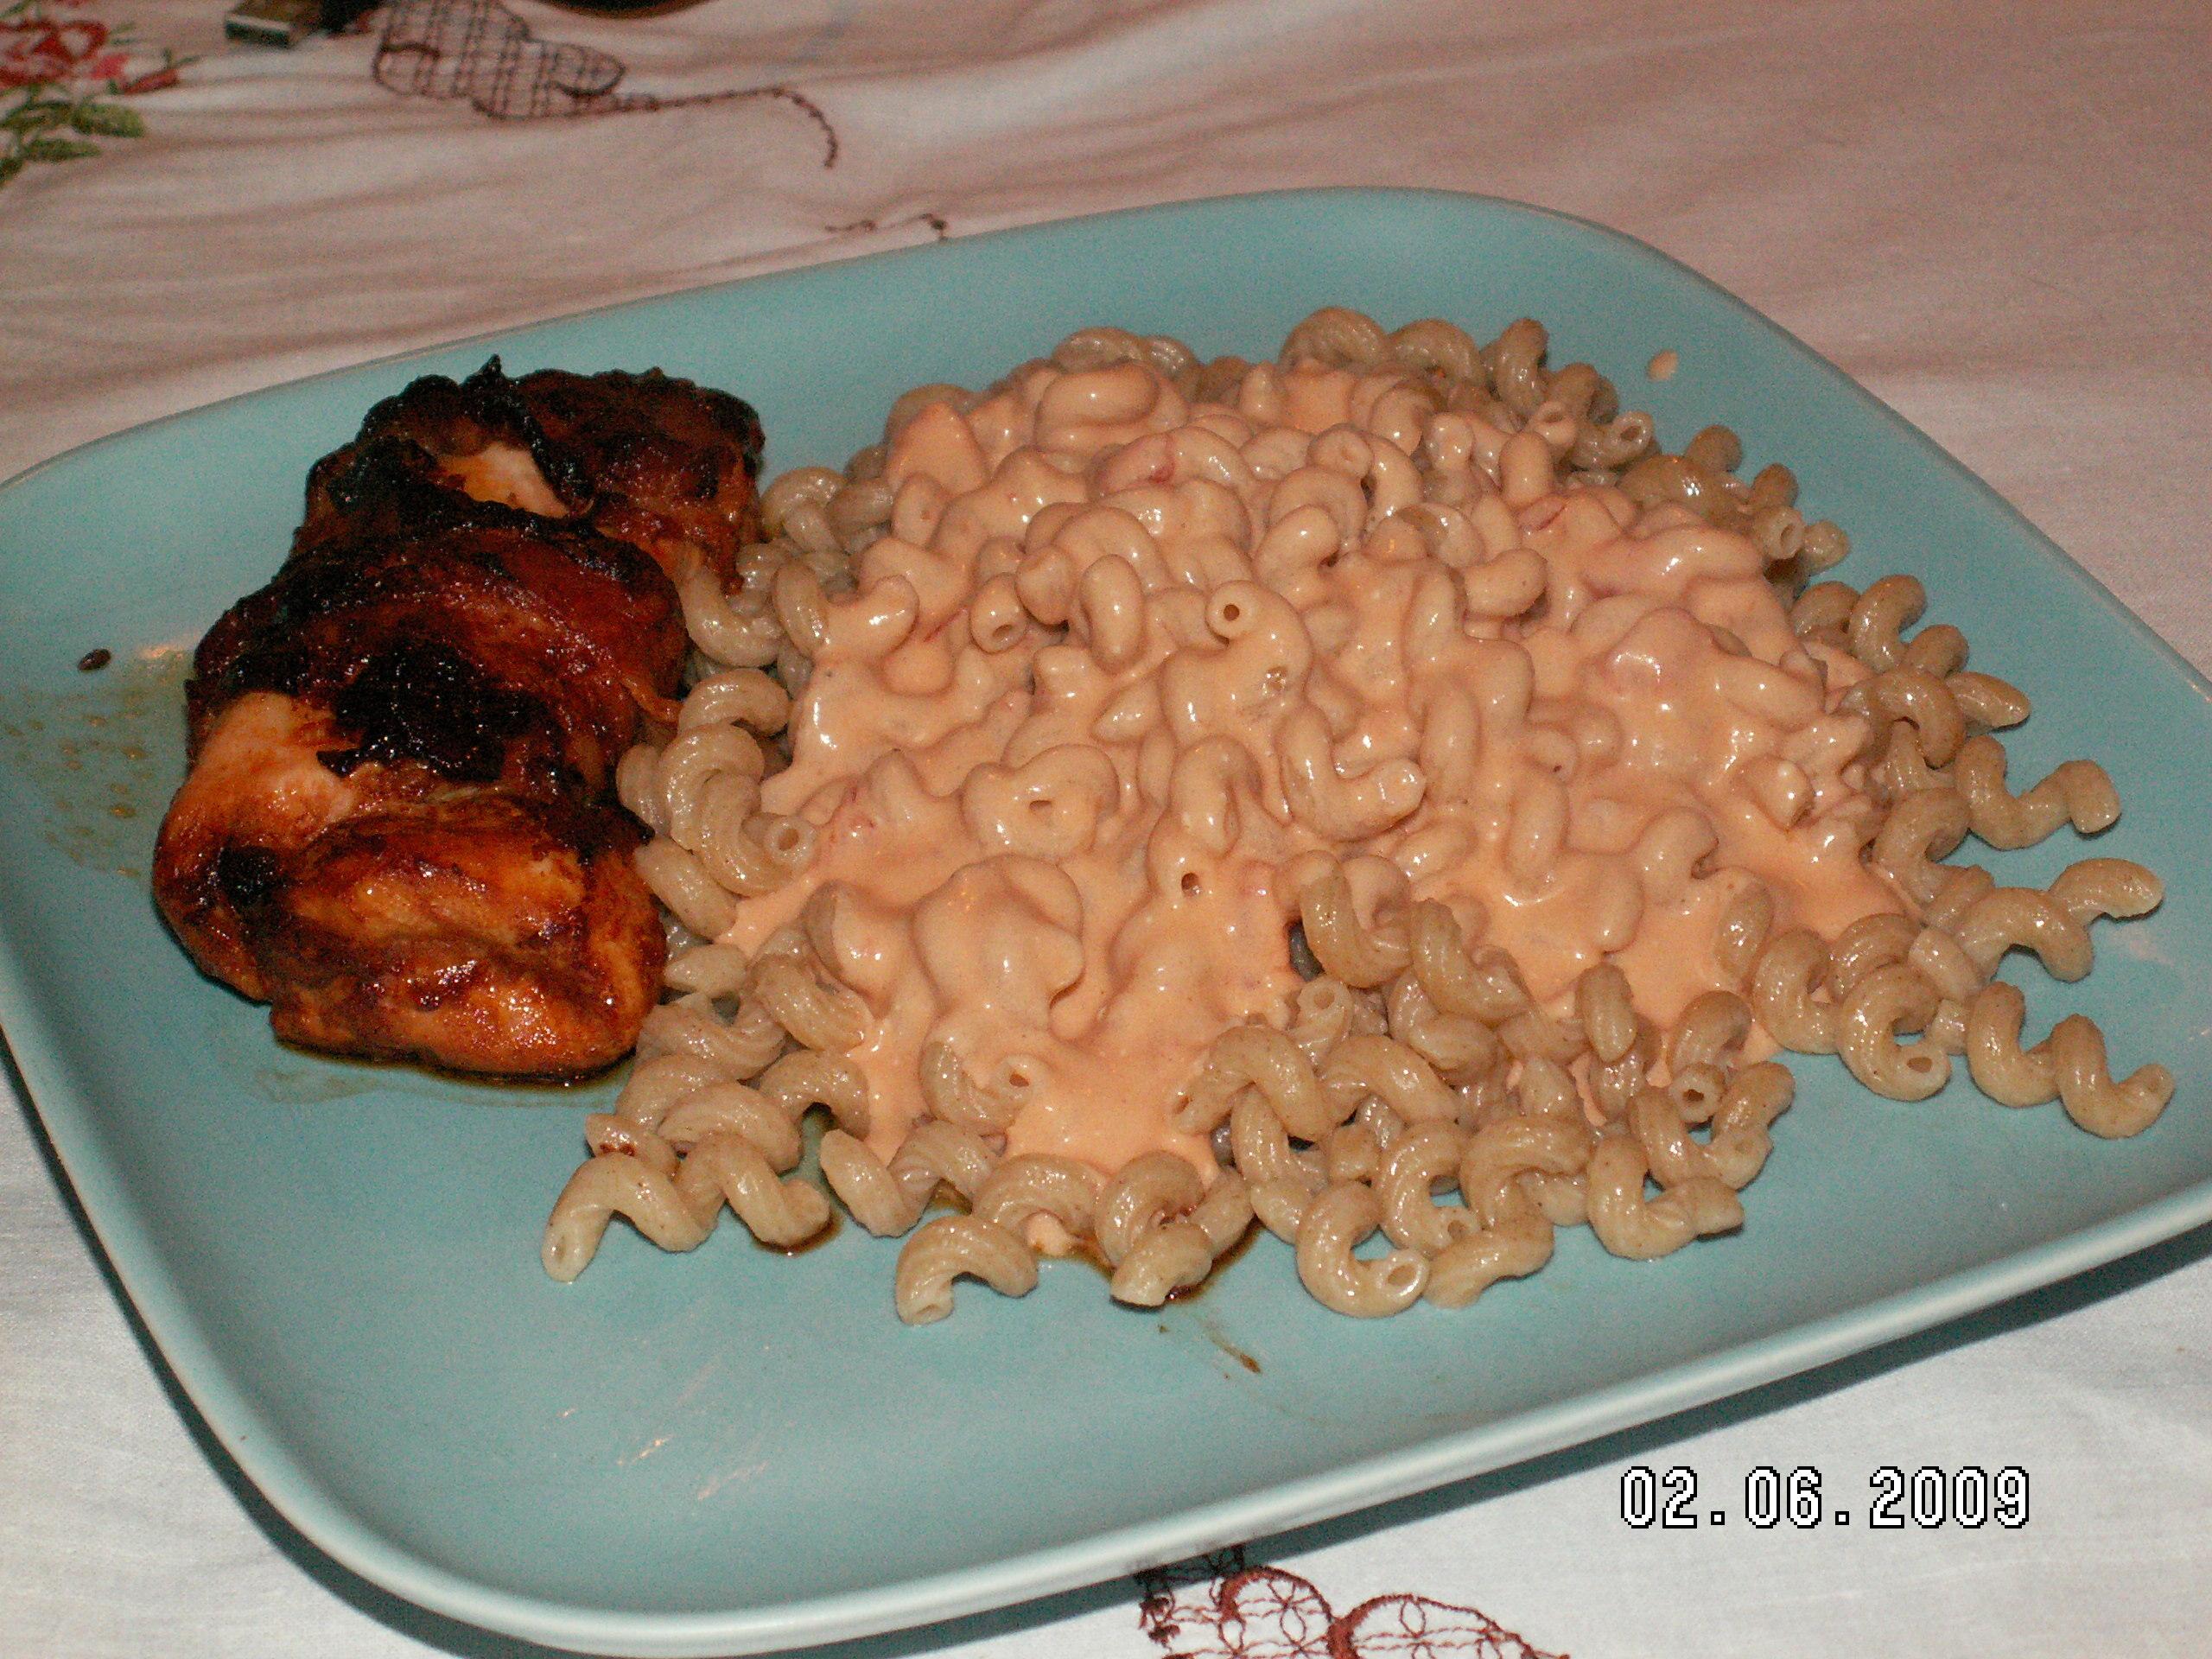 viktväktarrecept kyckling